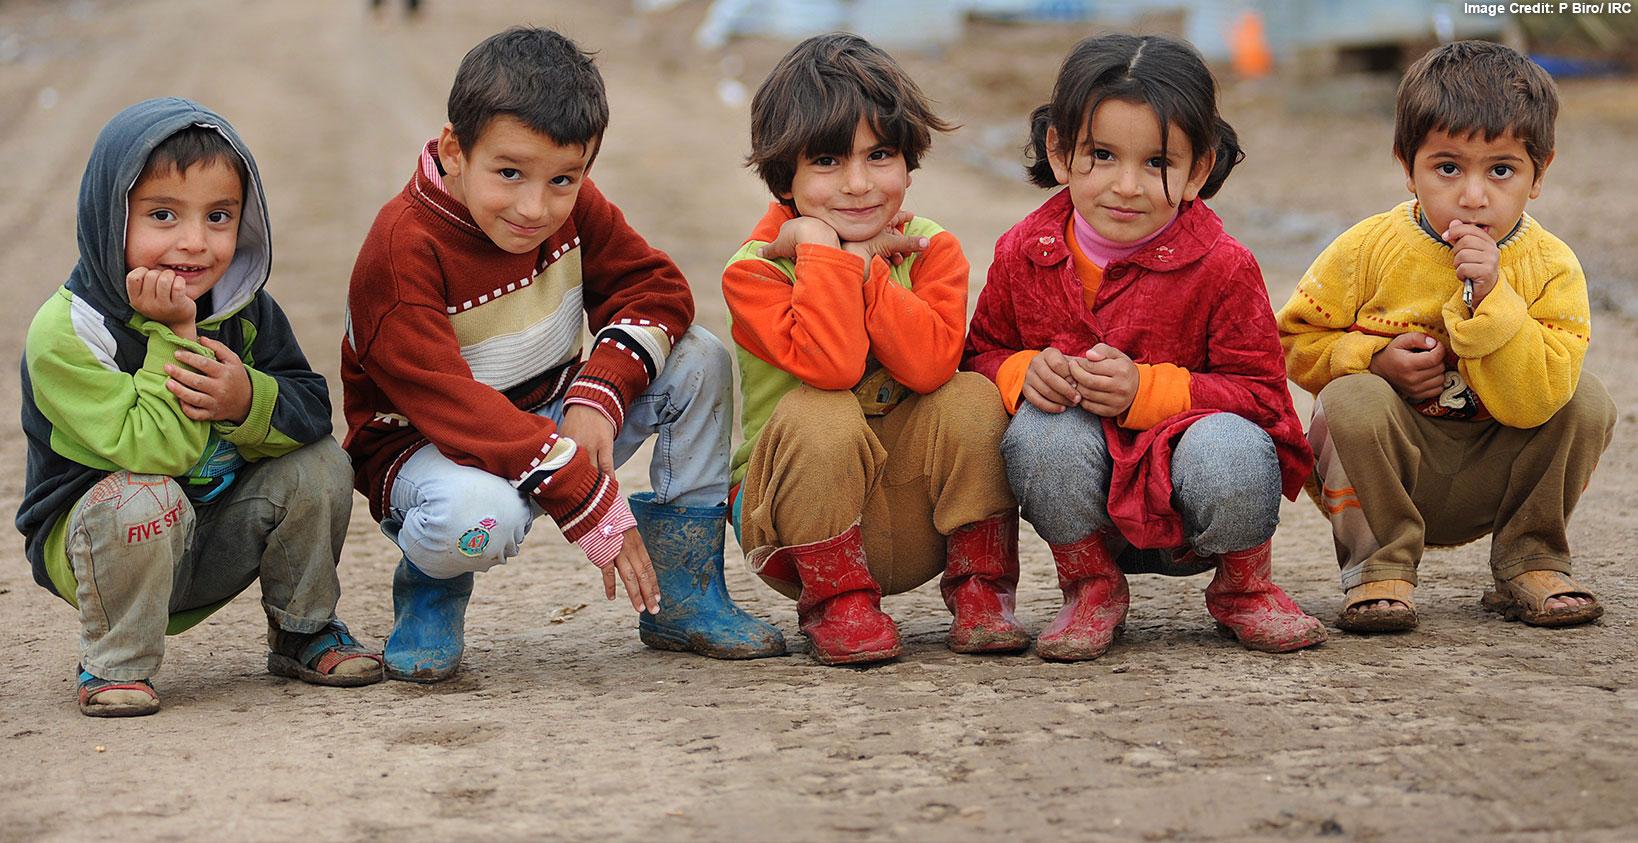 Refugeekids.jpg